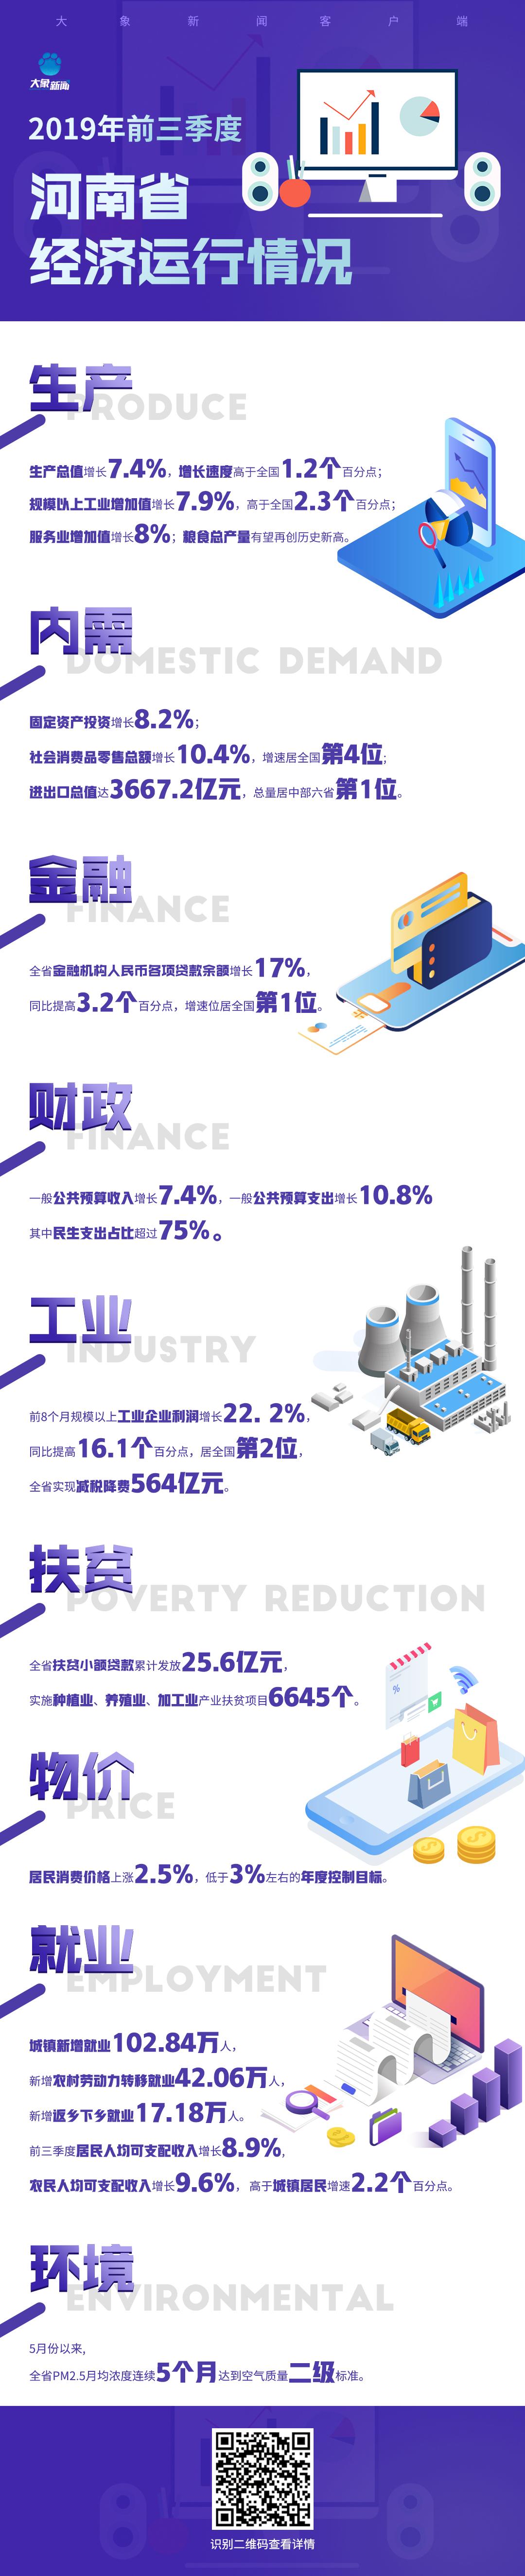 图解:2019年前三季度河南省经济运行情况